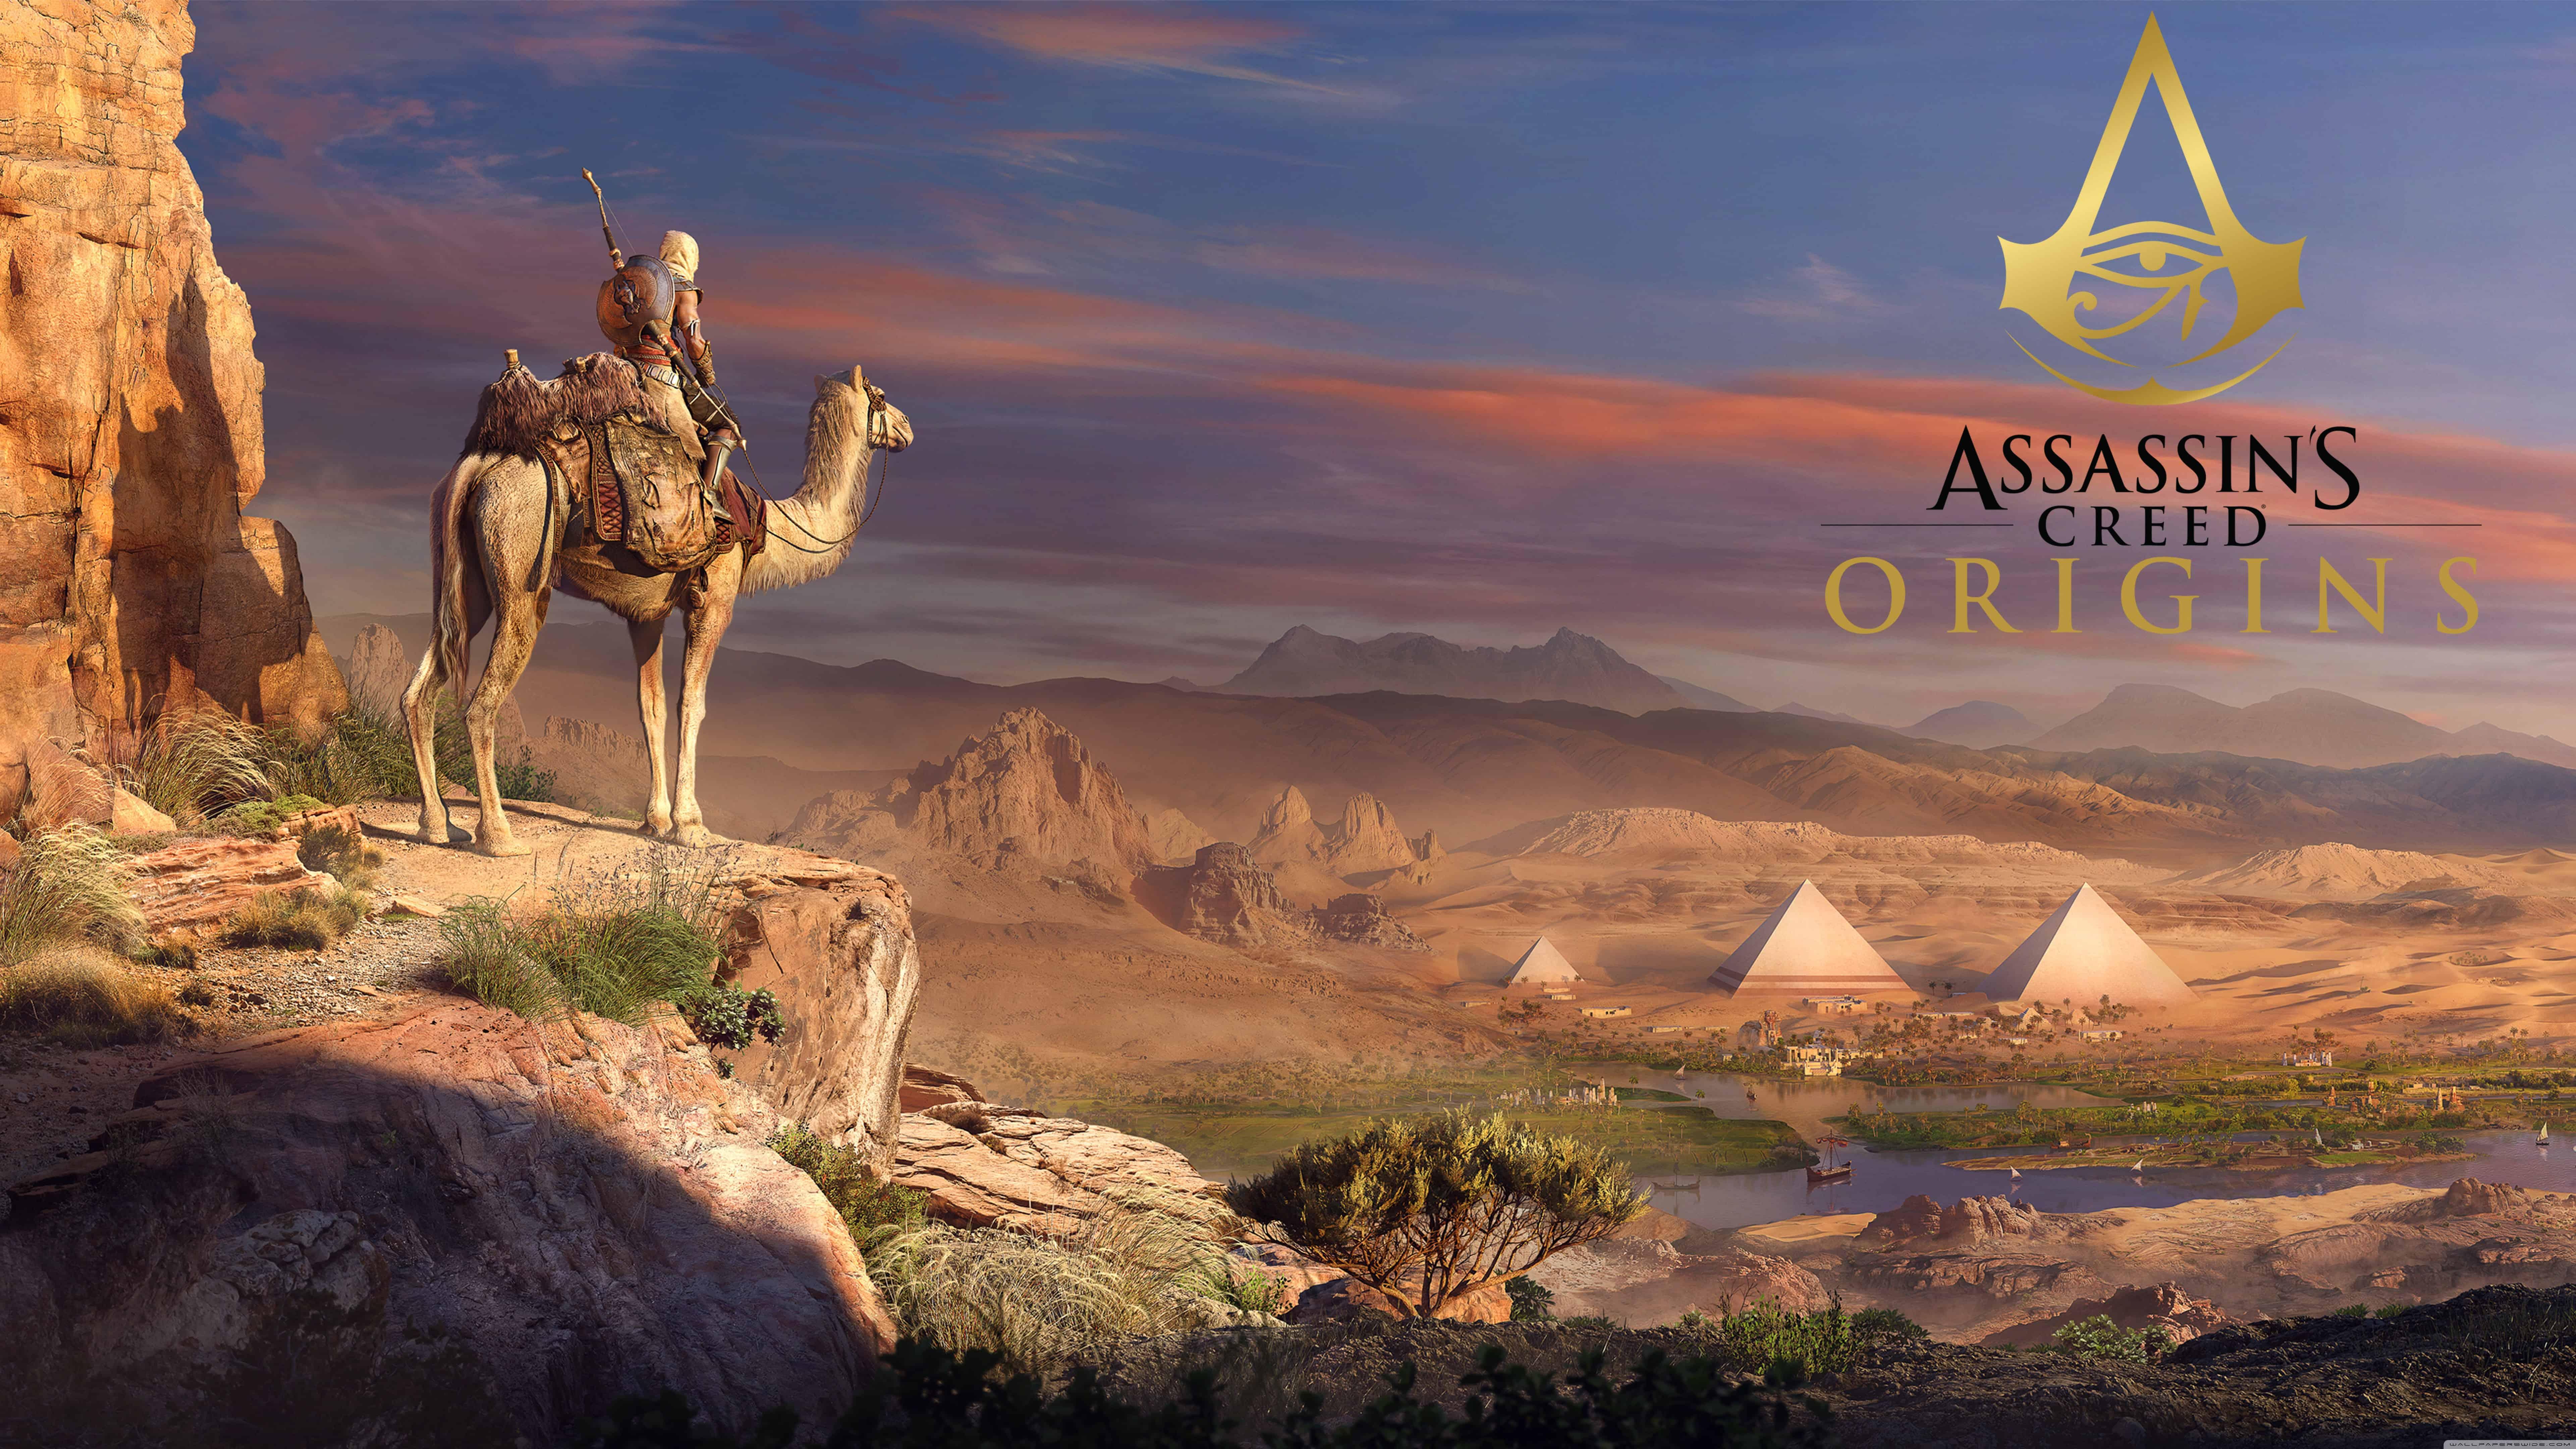 assassins creed origins concept art uhd 8k wallpaper